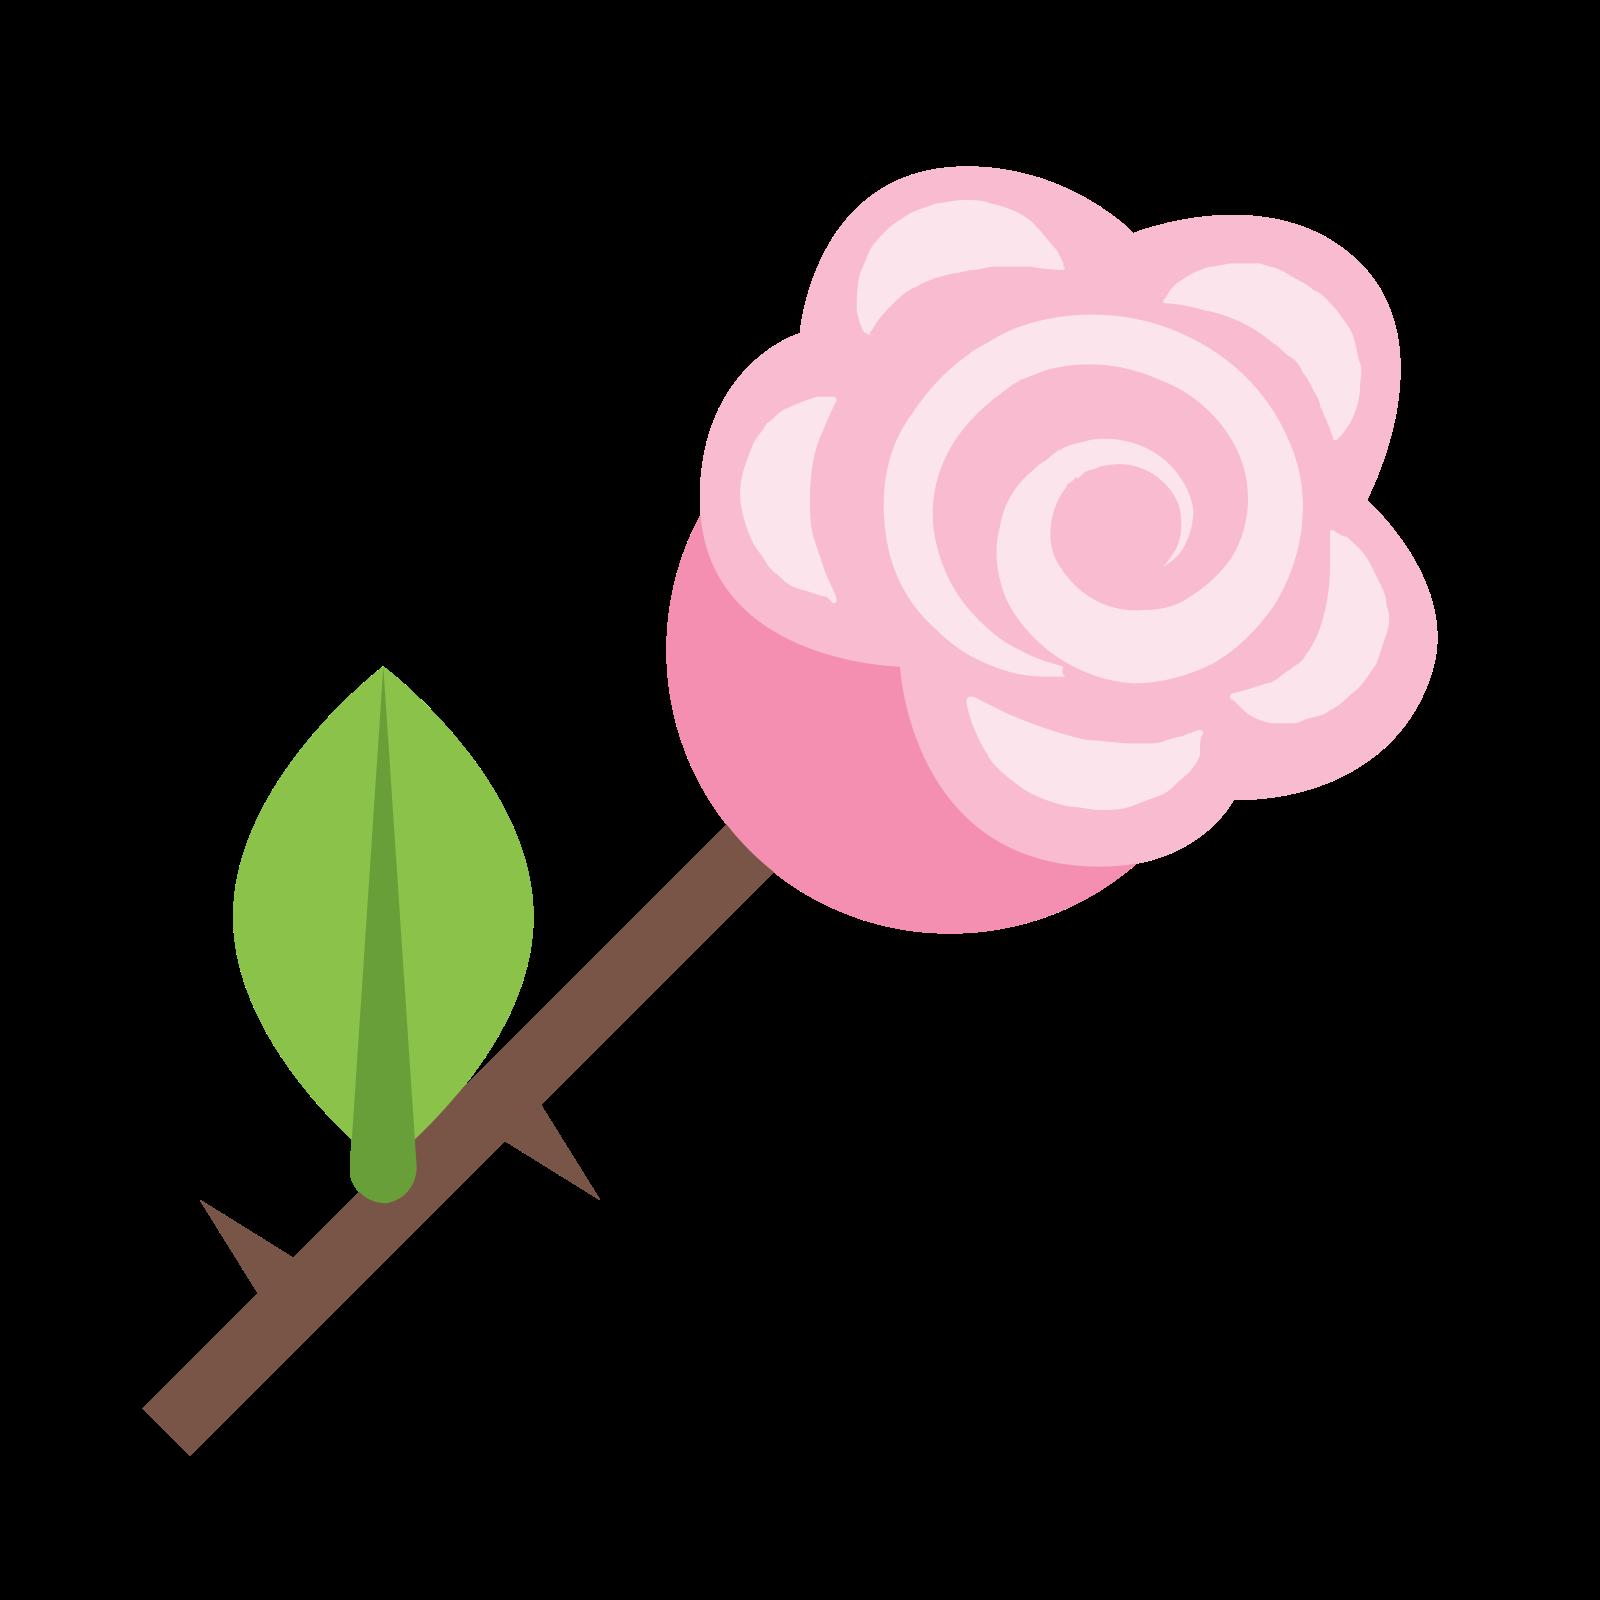 ばら icon